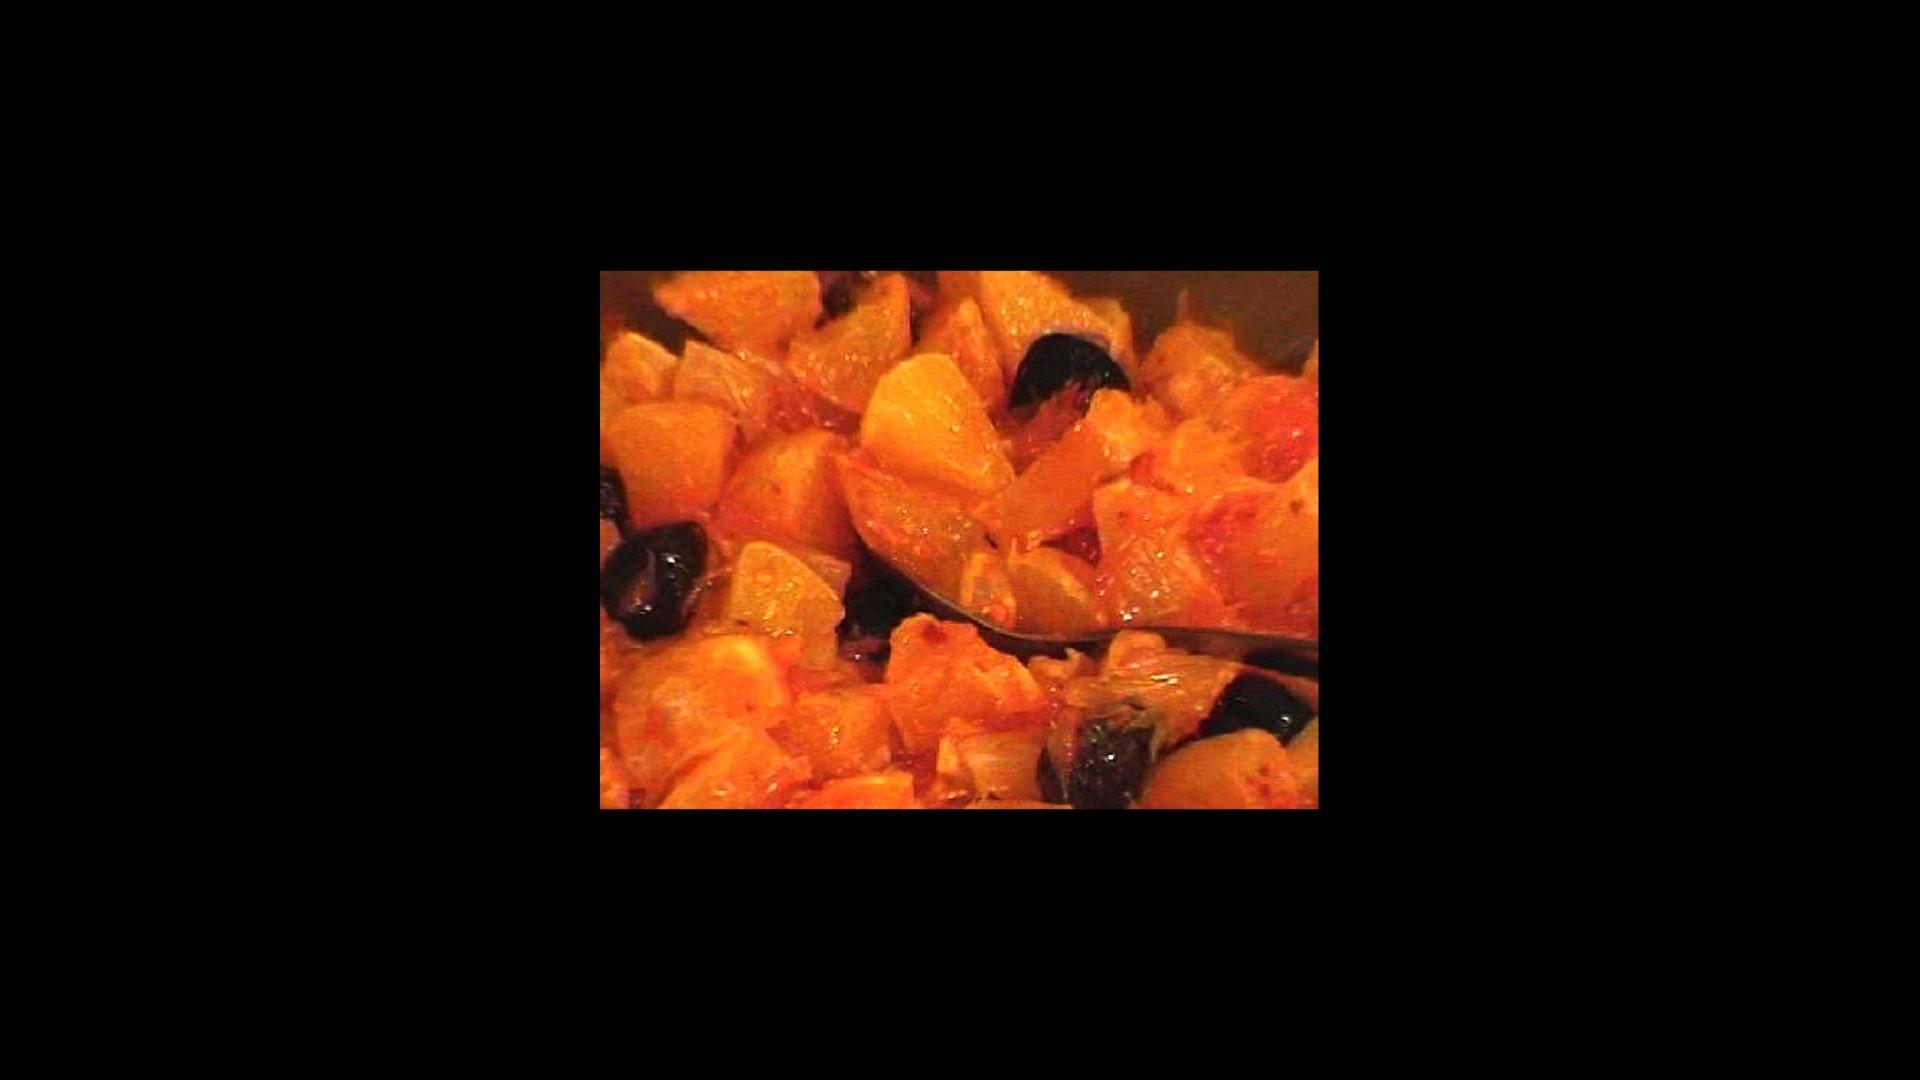 סלט תפוזים וזיתים שחורים